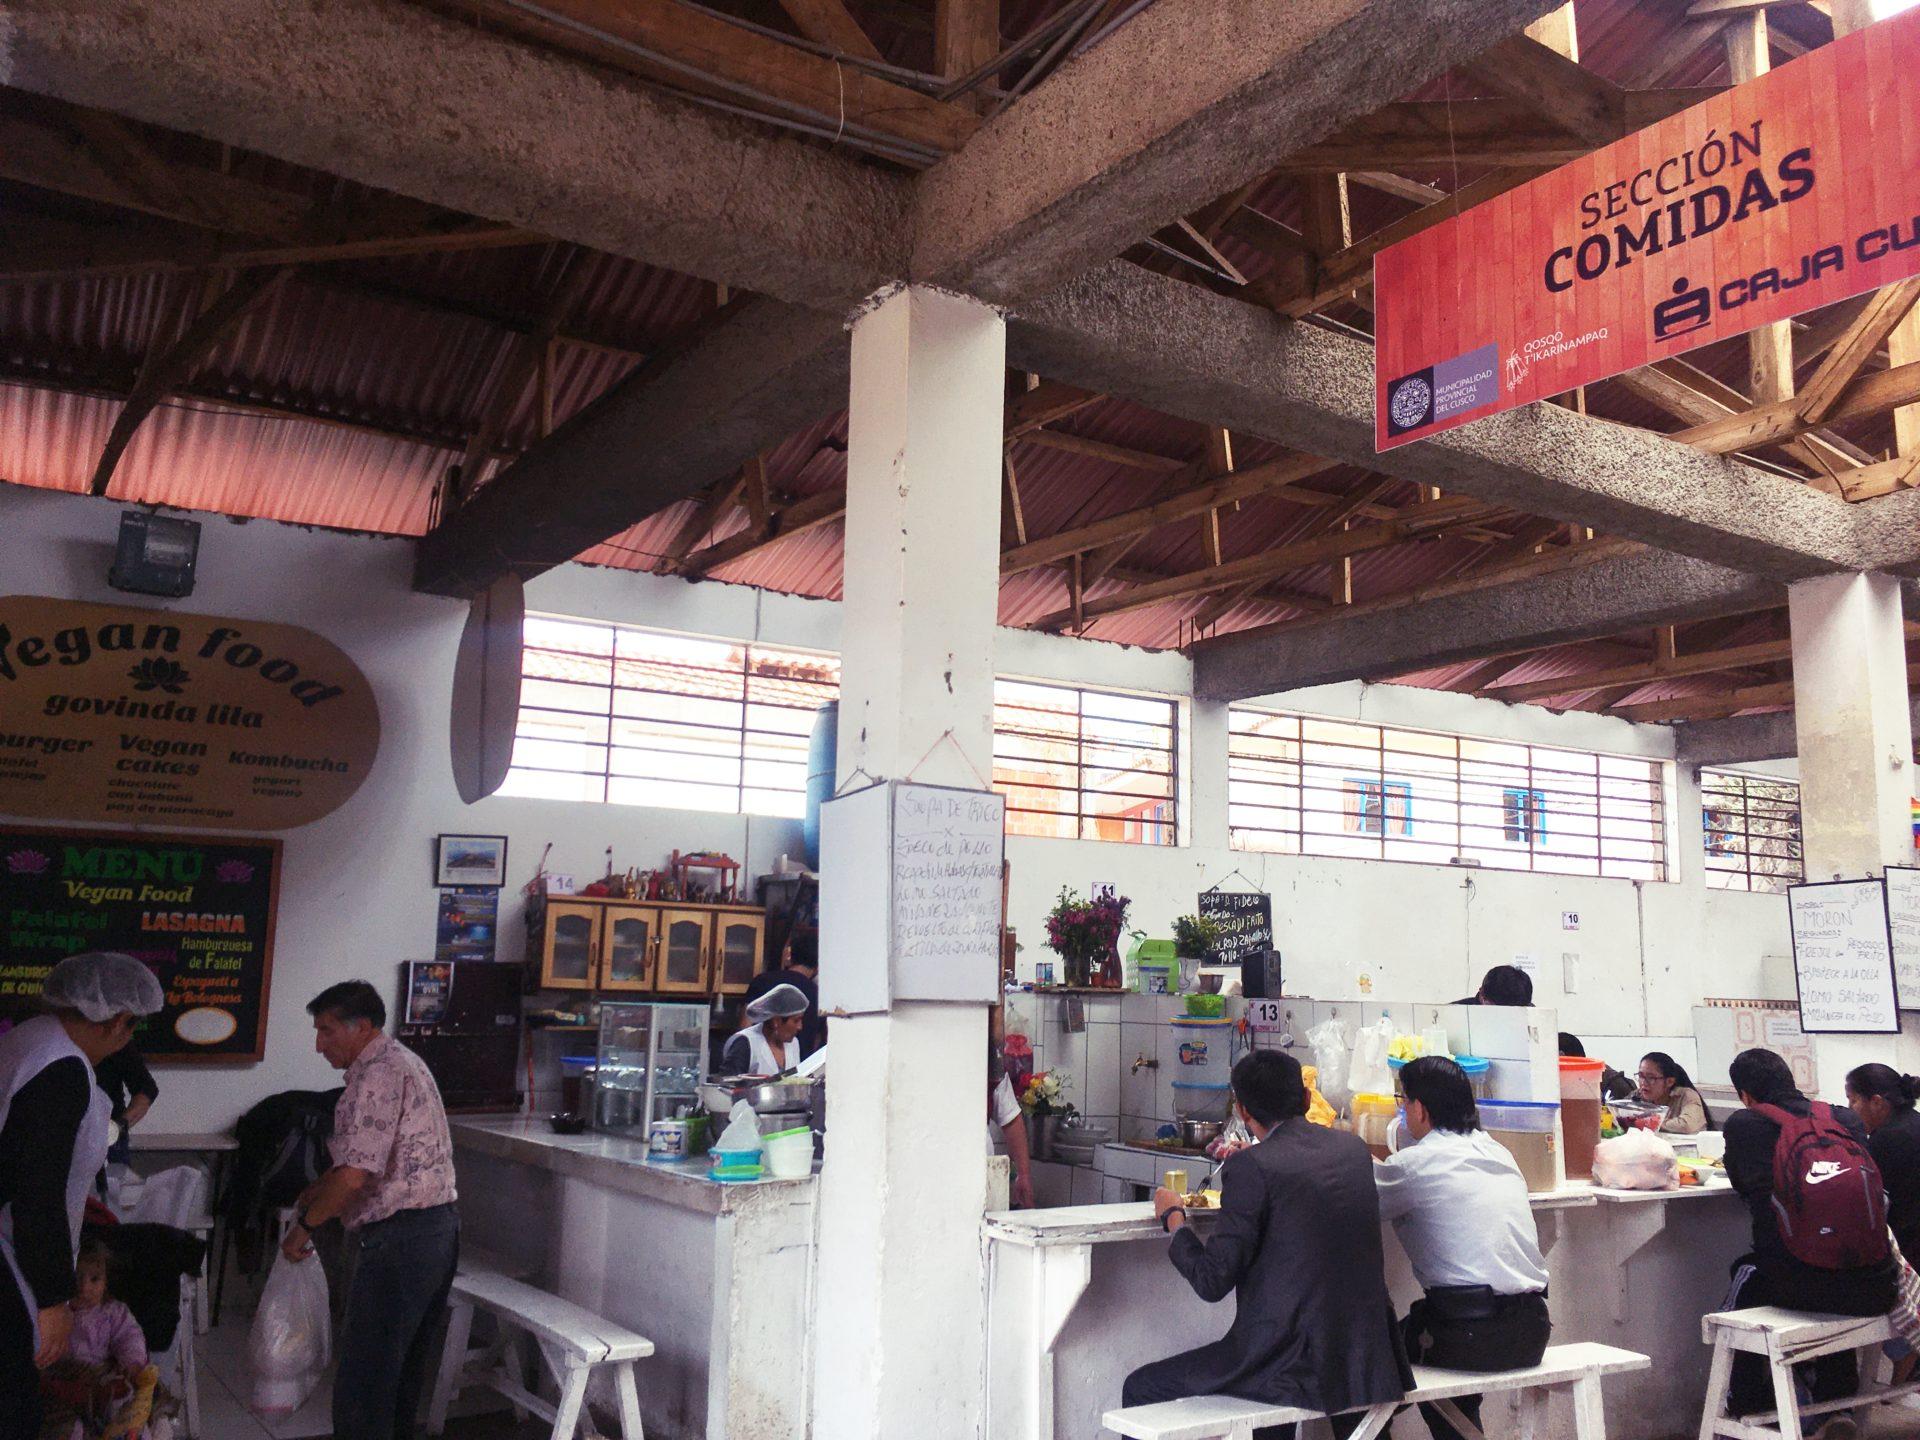 クスコ, Cusco, サンブラス, San Blas, 市場, ヴィーガン料理, Vegan